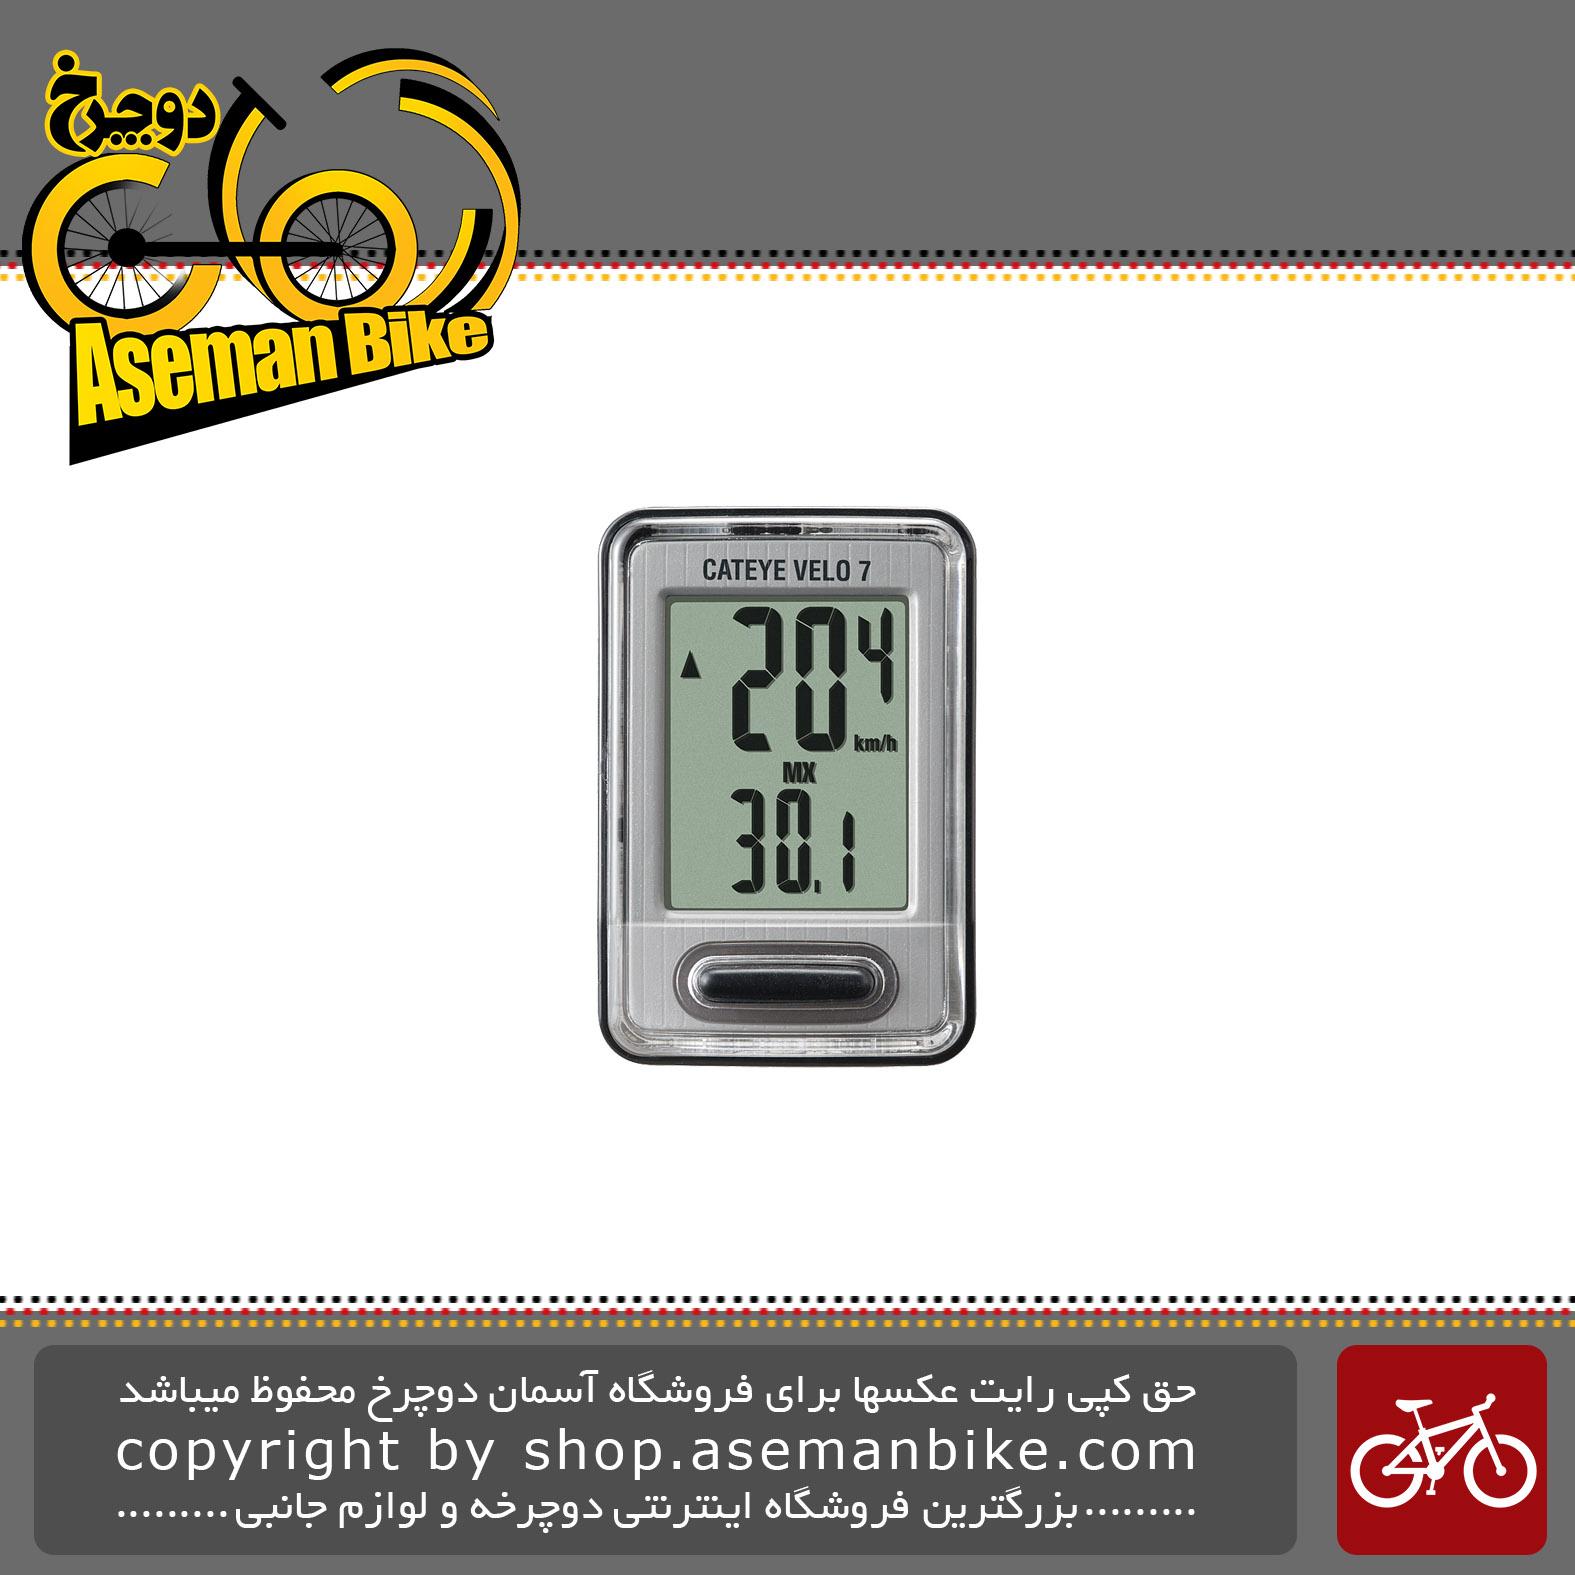 کیلومتر شمار دوچرخه کت آی مدل ولو سون هفت کاره Cat Eye Odometer Velo 7 7 Functions